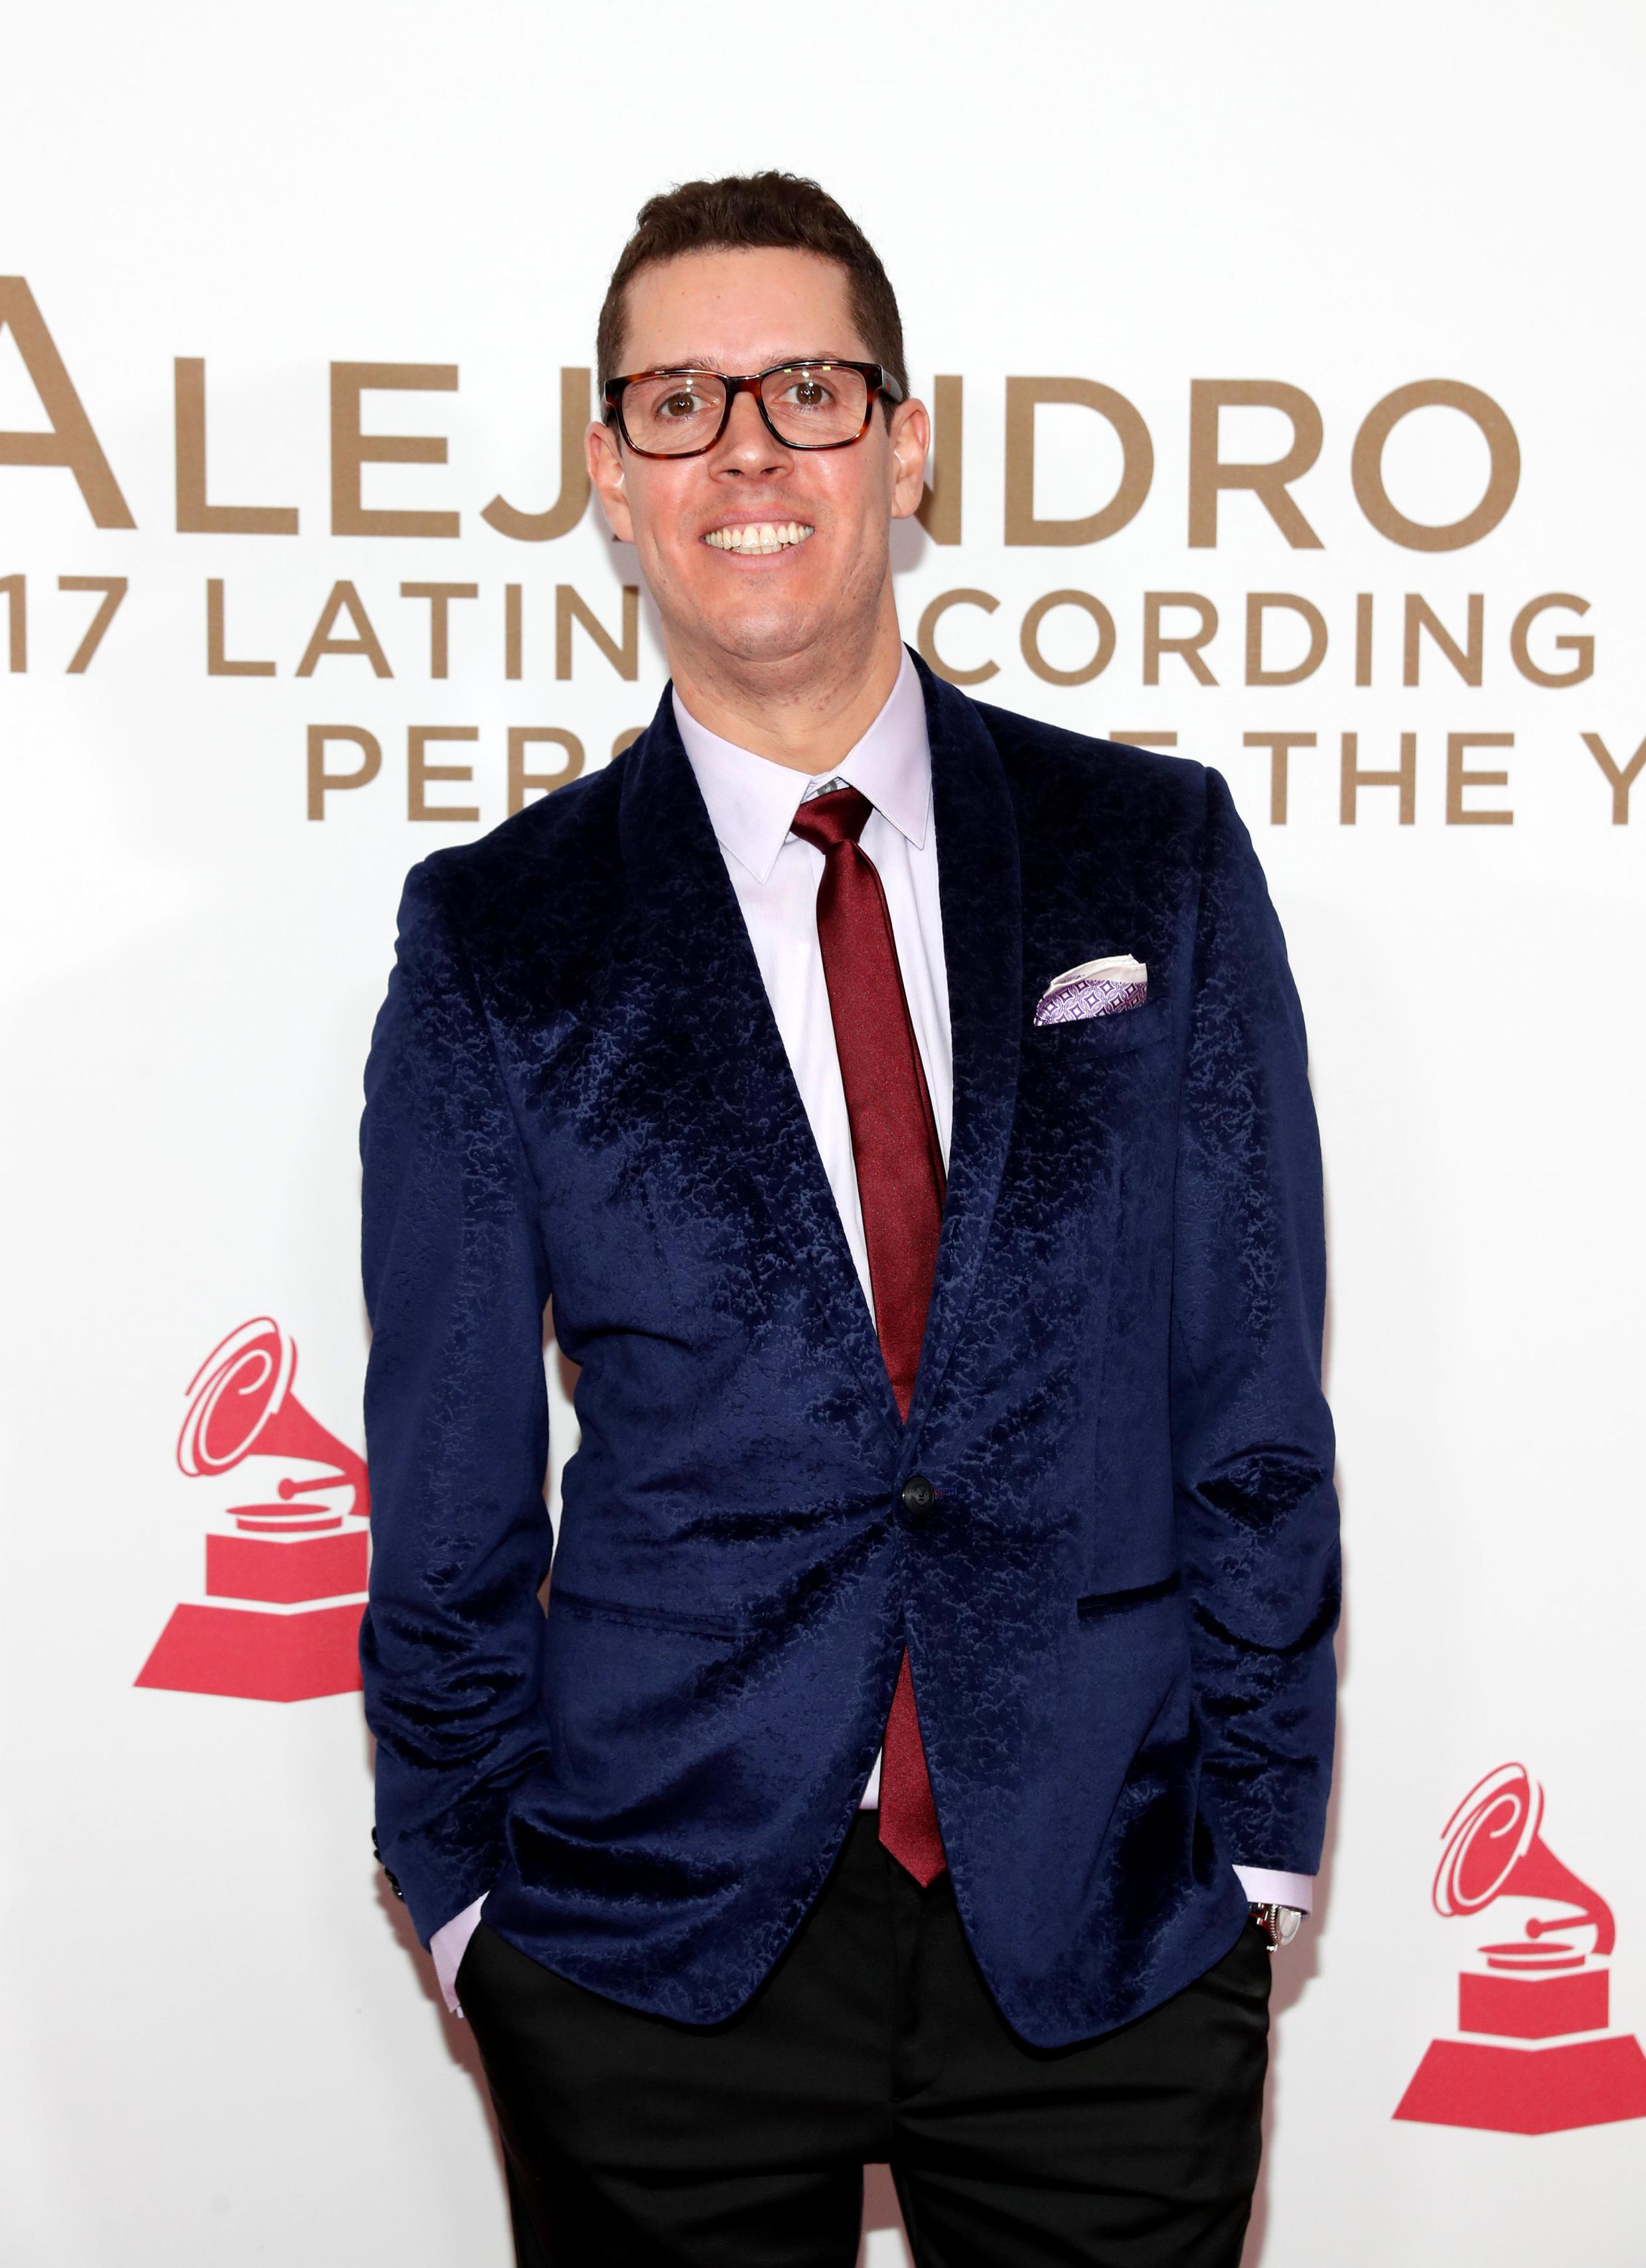 Juan Cristóbal Losada, Mr. Sonic, llega a la ceremonia de entrega de los Latin Grammy. 15 de noviembre de 2017.